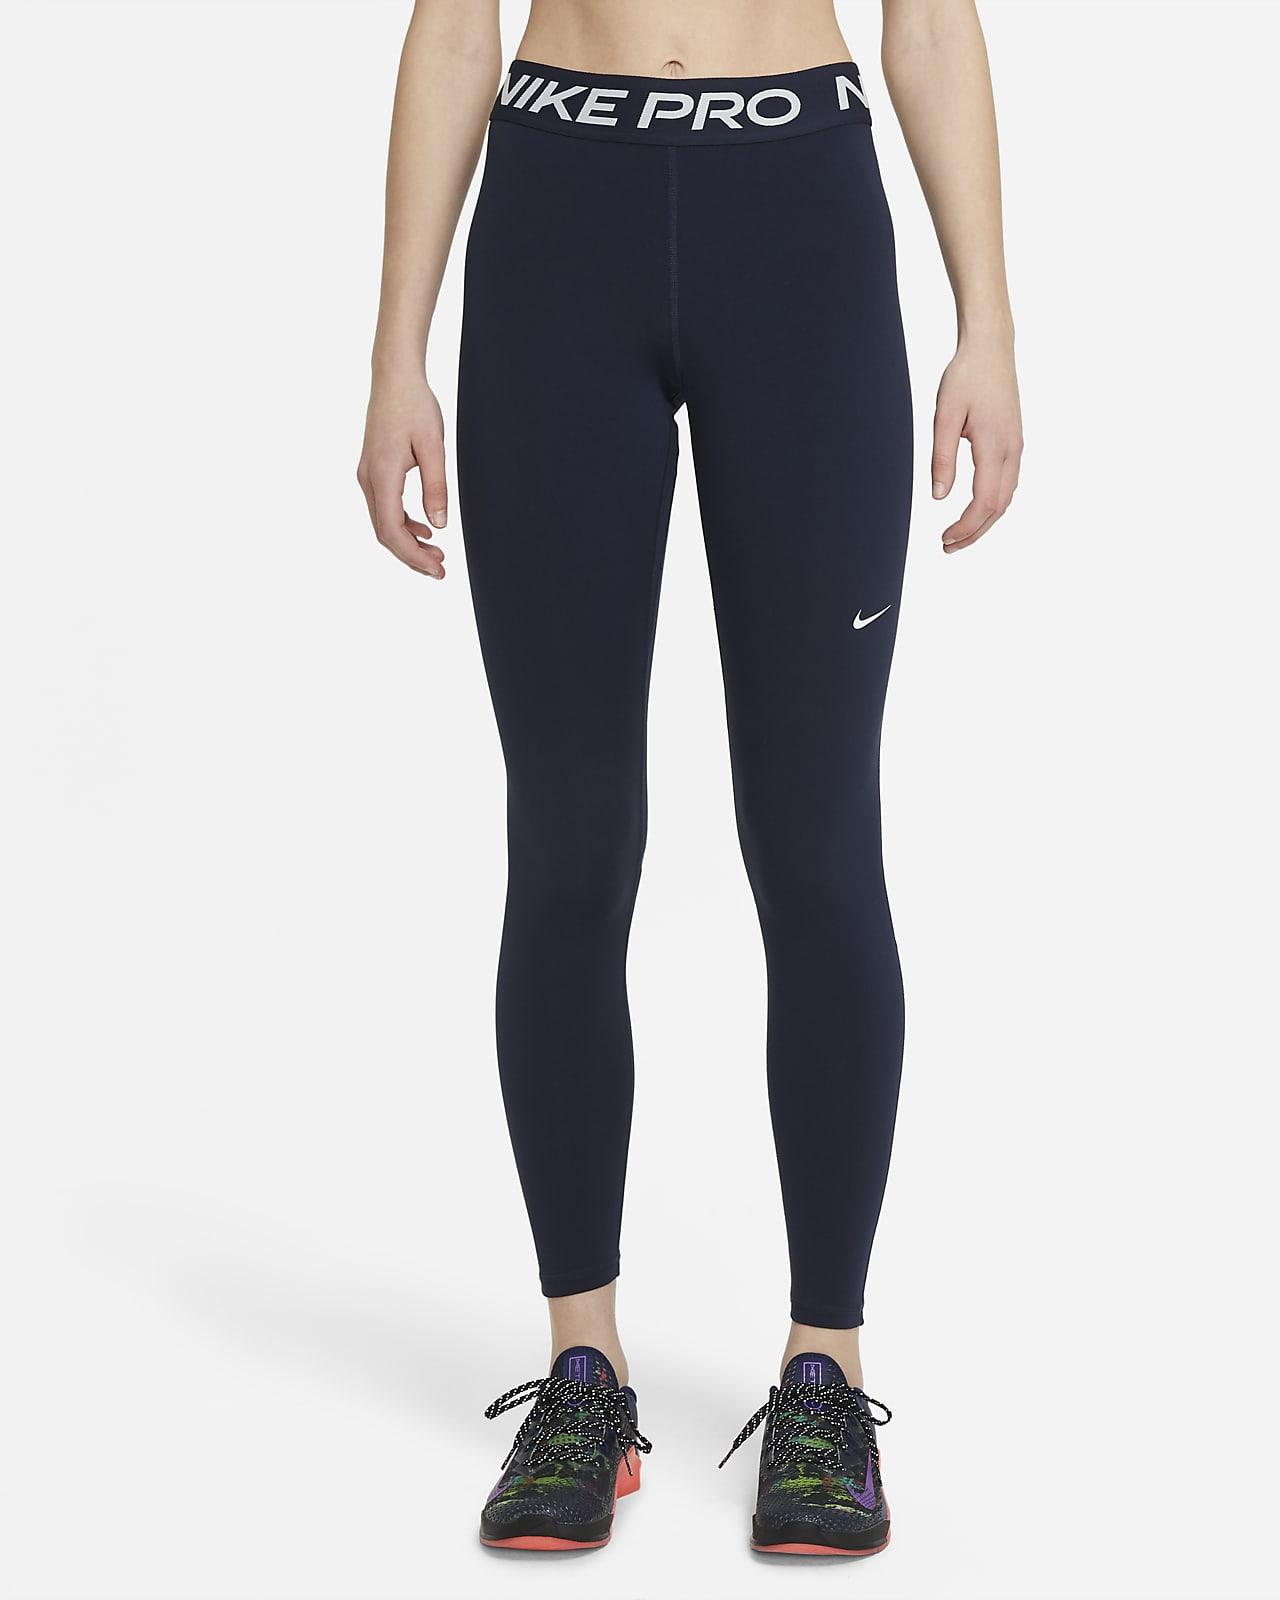 Женские леггинсы со средней посадкой Nike Pro